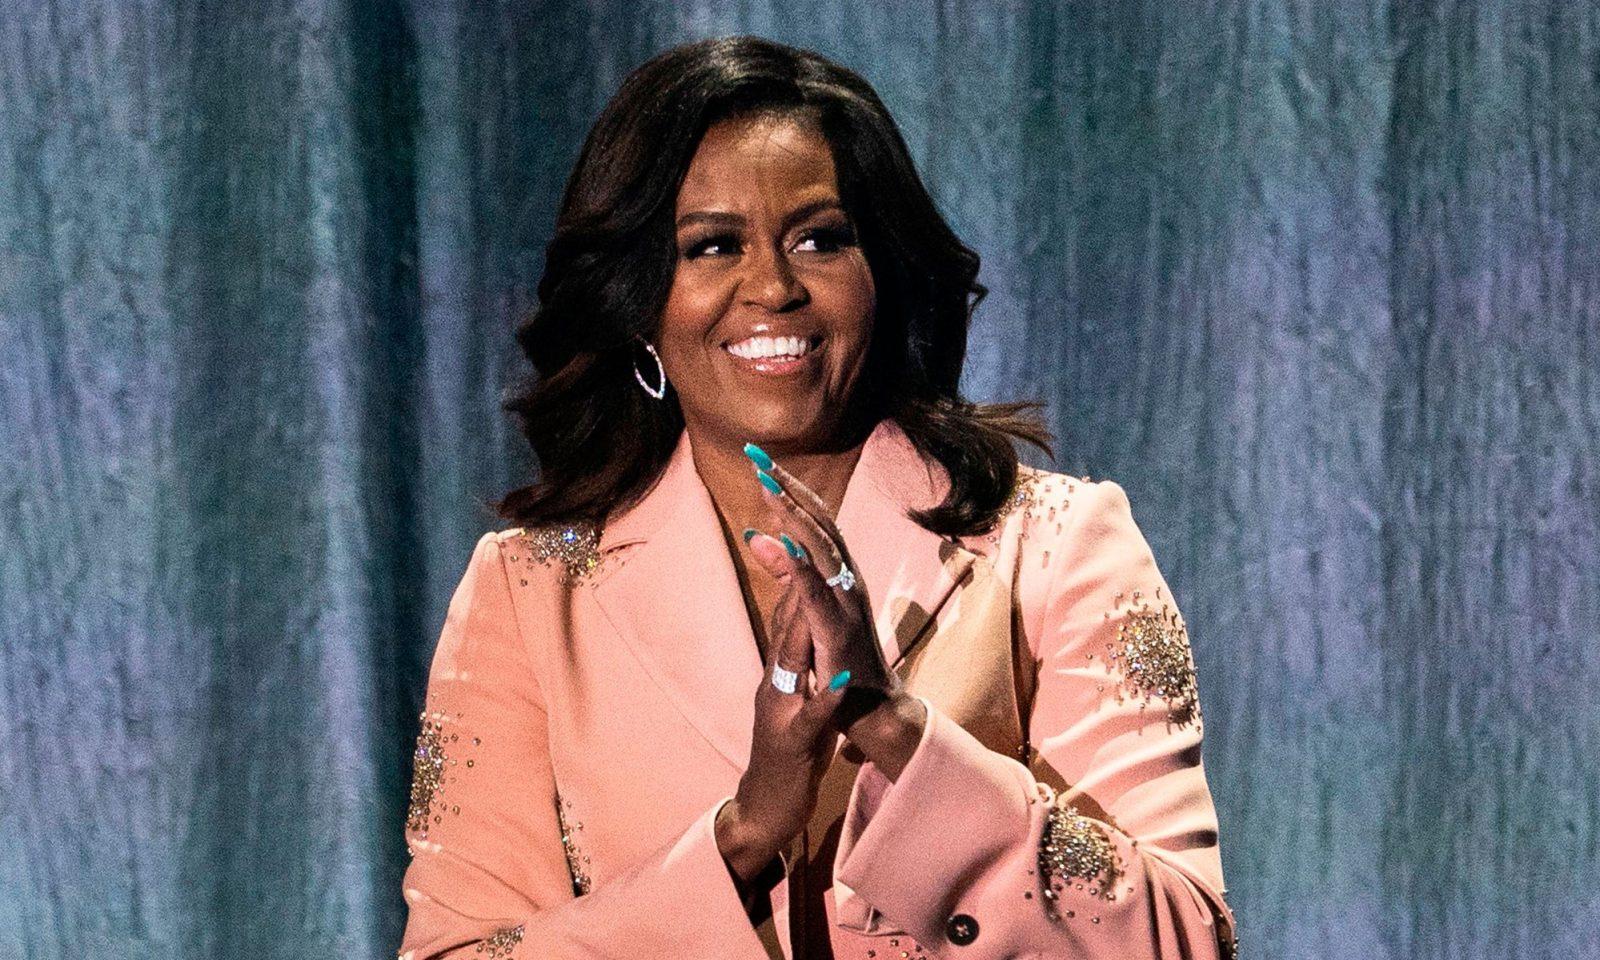 Η Michelle Obama μίλησε για την κατάθλιψη που περνάει εξαιτίας της πανδημίας